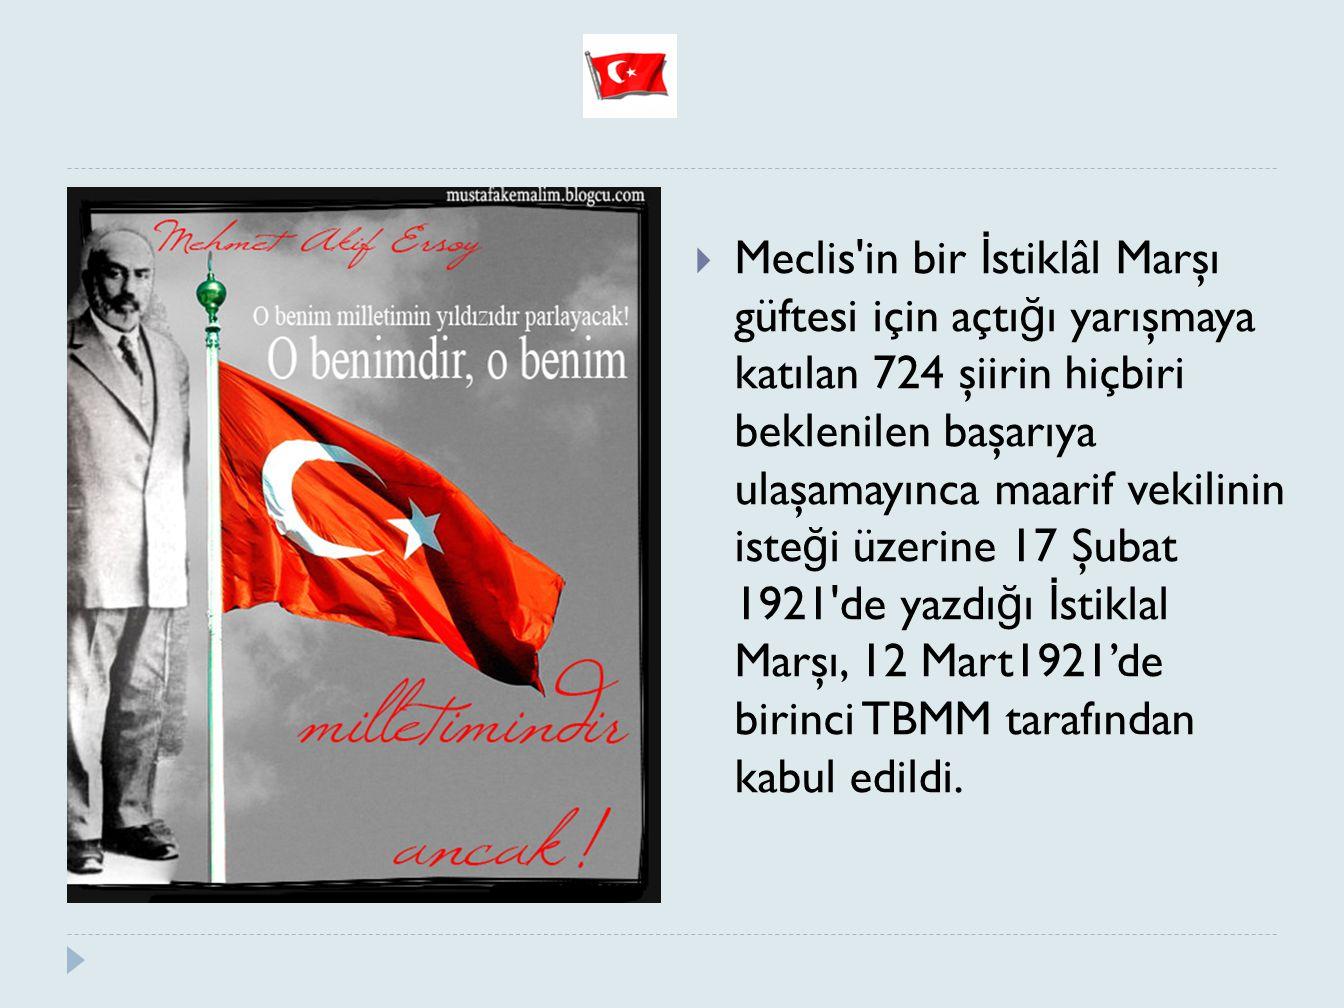  Meclis'in bir İ stiklâl Marşı güftesi için açtı ğ ı yarışmaya katılan 724 şiirin hiçbiri beklenilen başarıya ulaşamayınca maarif vekilinin iste ğ i